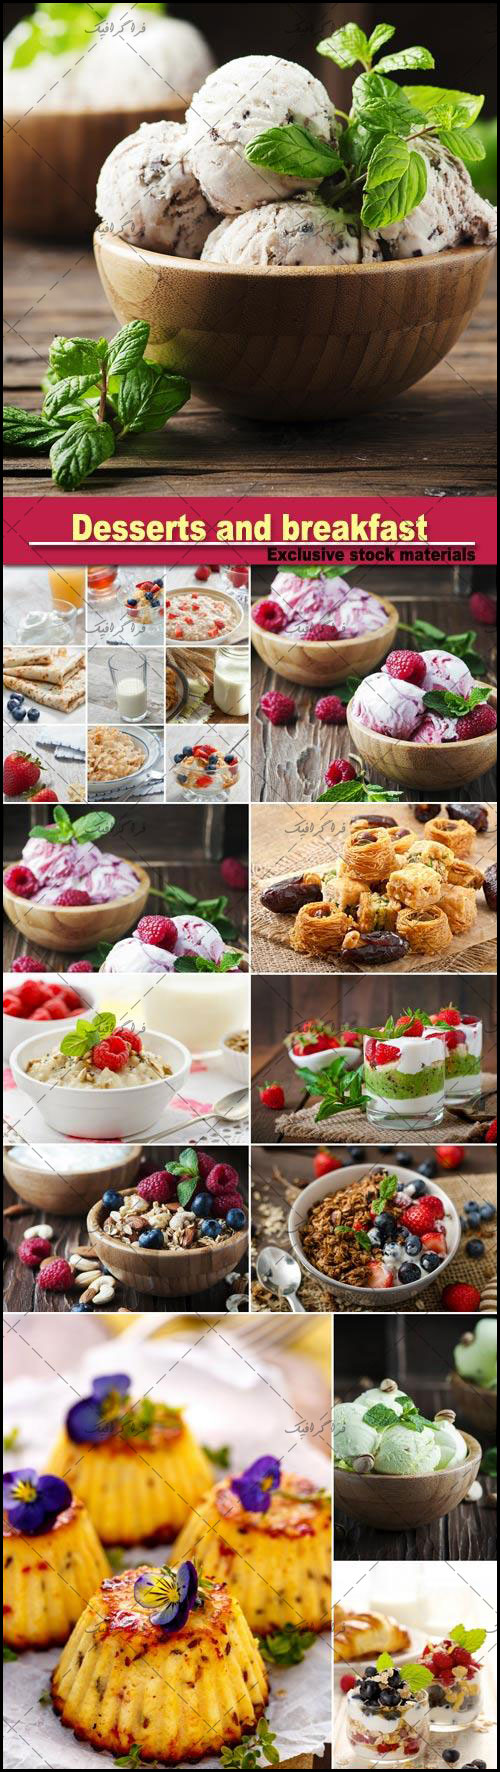 دانلود تصاویر استوک دسر و صبحانه